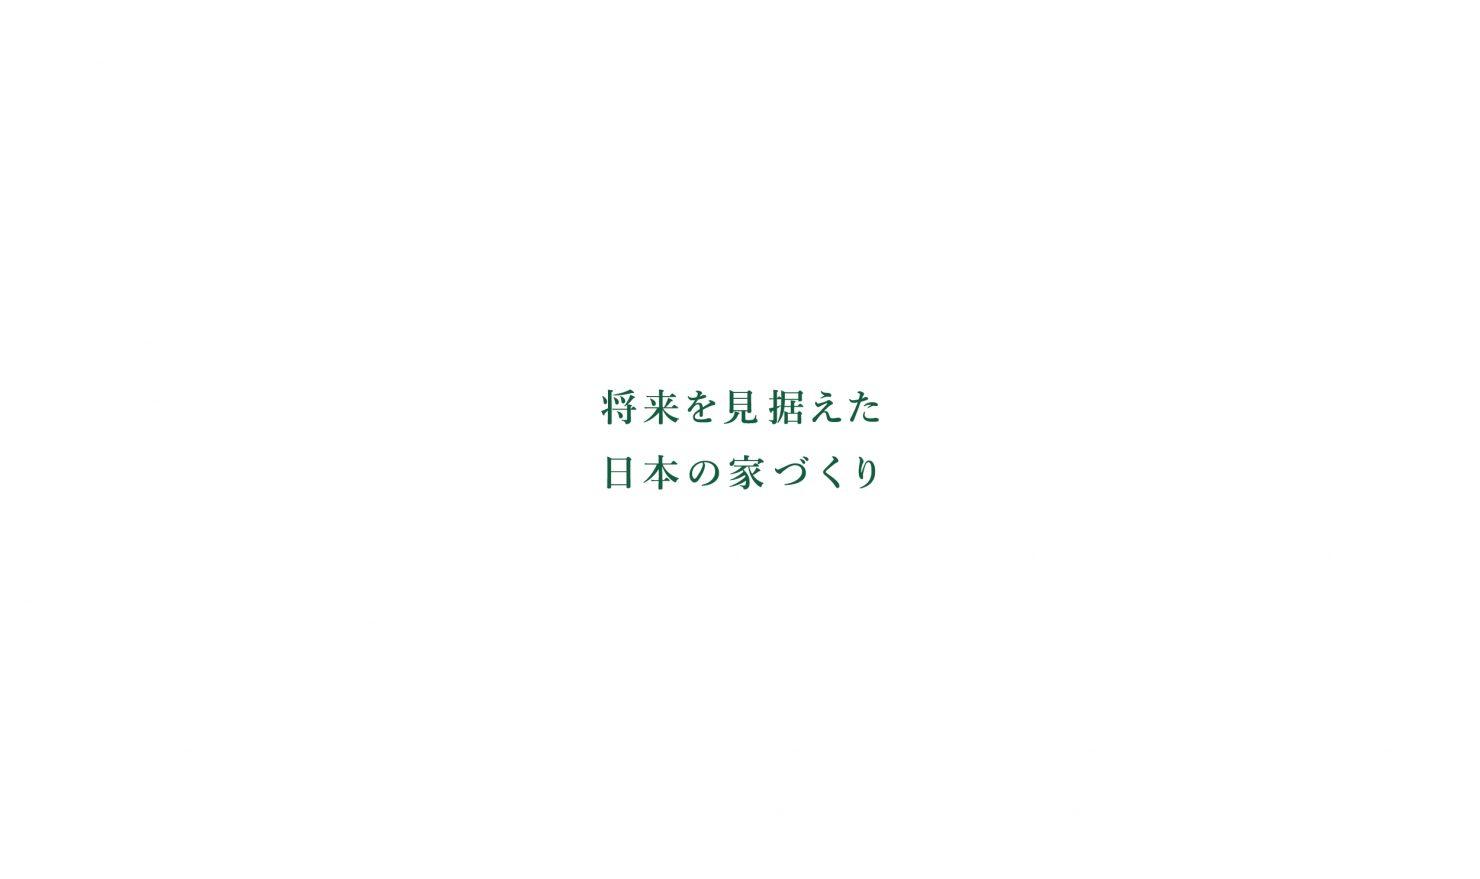 佐藤建業様ロゴデザイン事例1